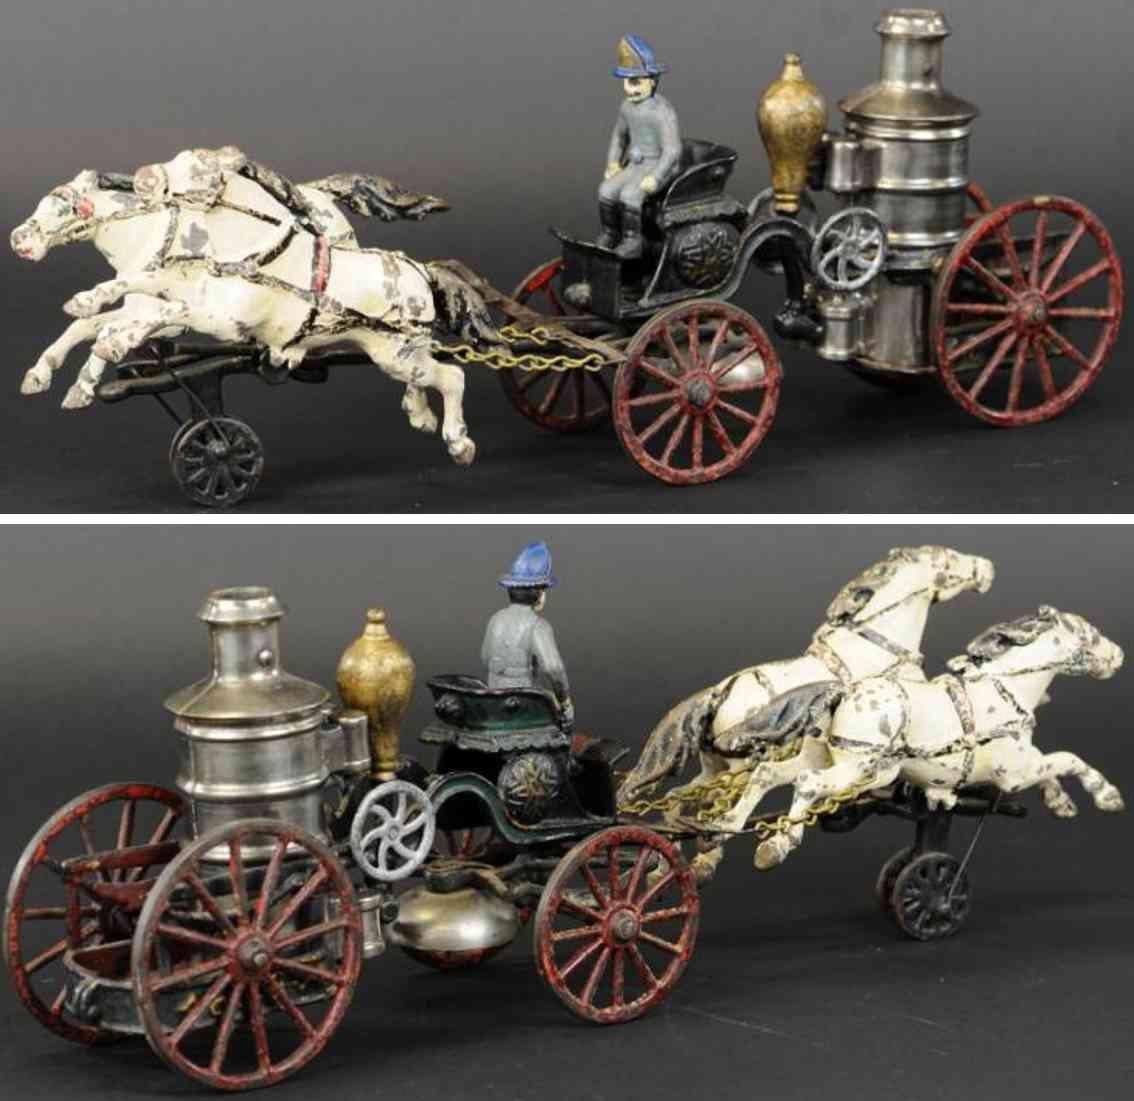 pratt & letchworth cast iron toy horse drawn fire engine